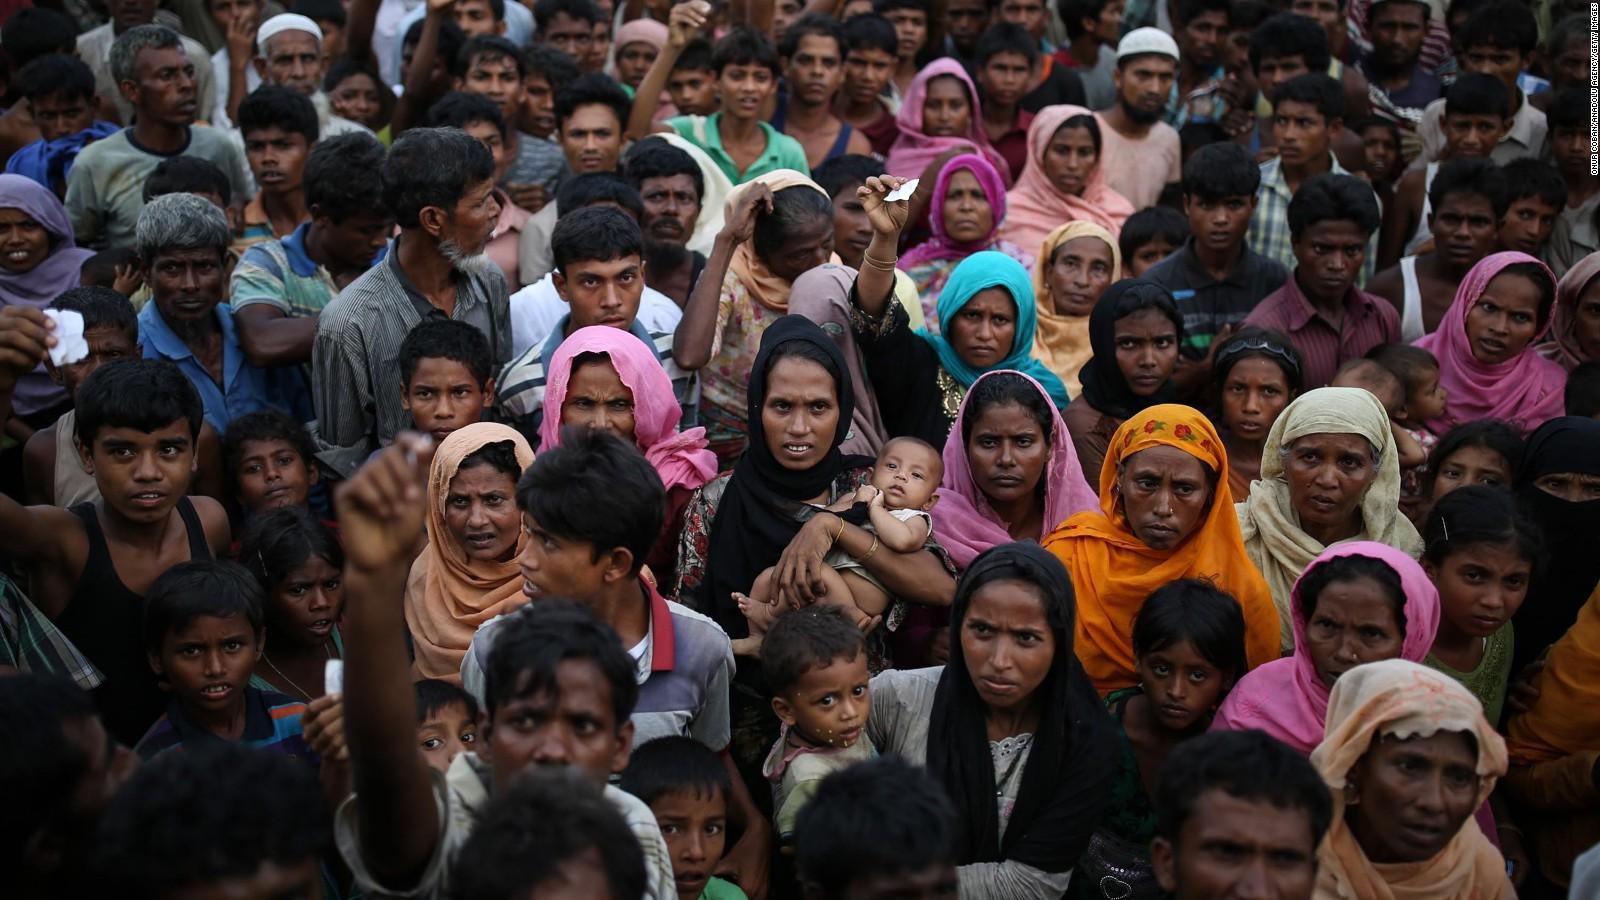 Cegah Corona, Muslim Myanmar Usulkan Masjid Jadi Pusat Karantina